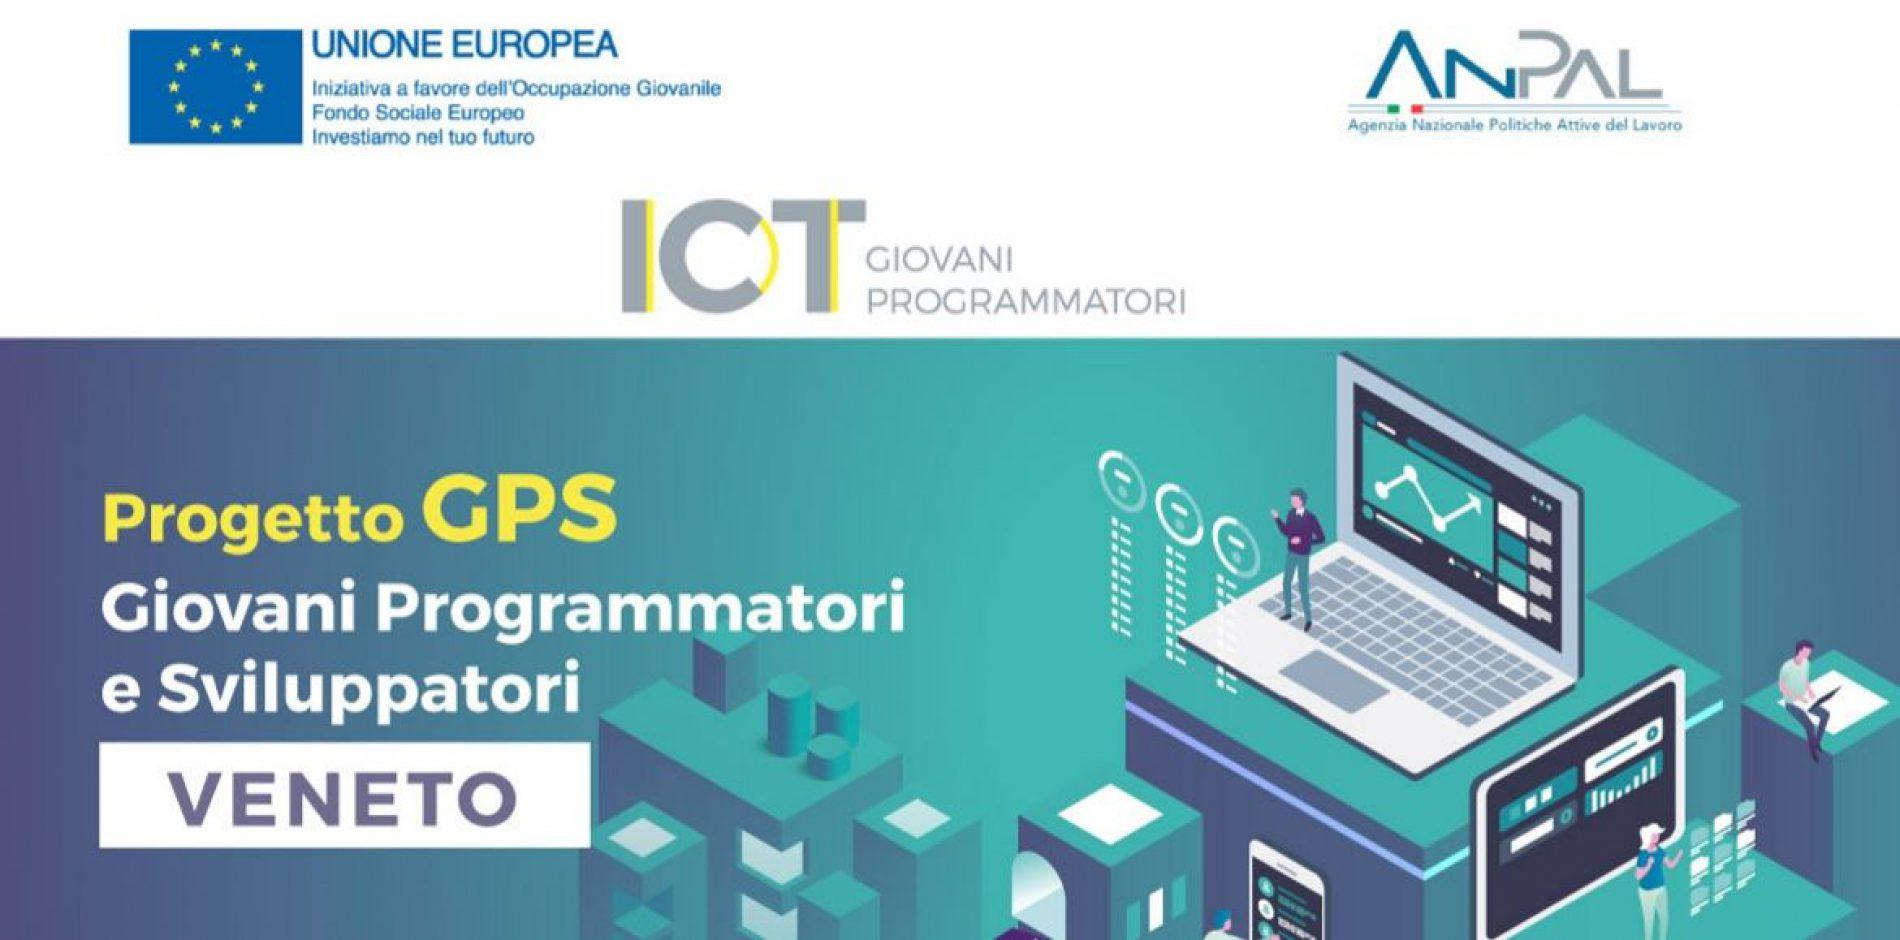 Progetto GPS Veneto: Partite le iscrizioni per i corsi formativi in ambito ICT